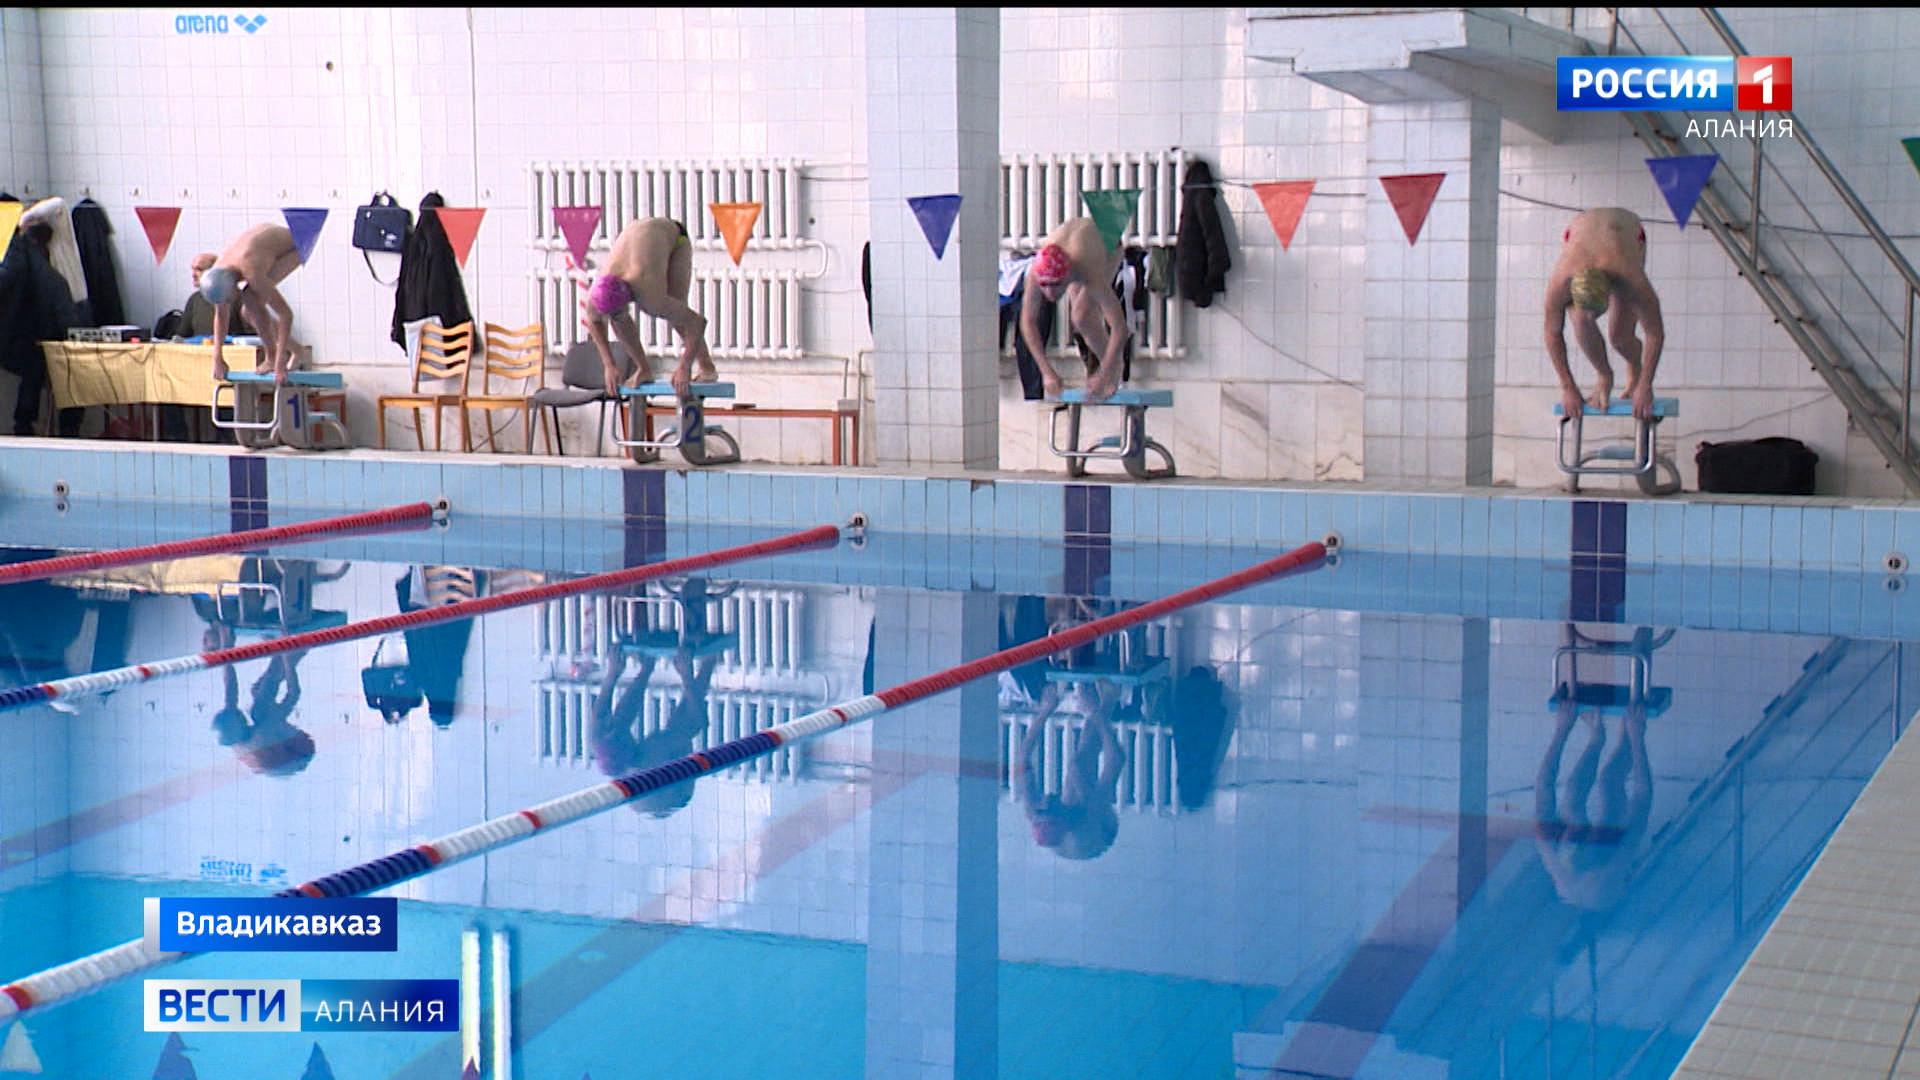 Во Владикавказе стартовали чемпионат и первенство республики по плаванию